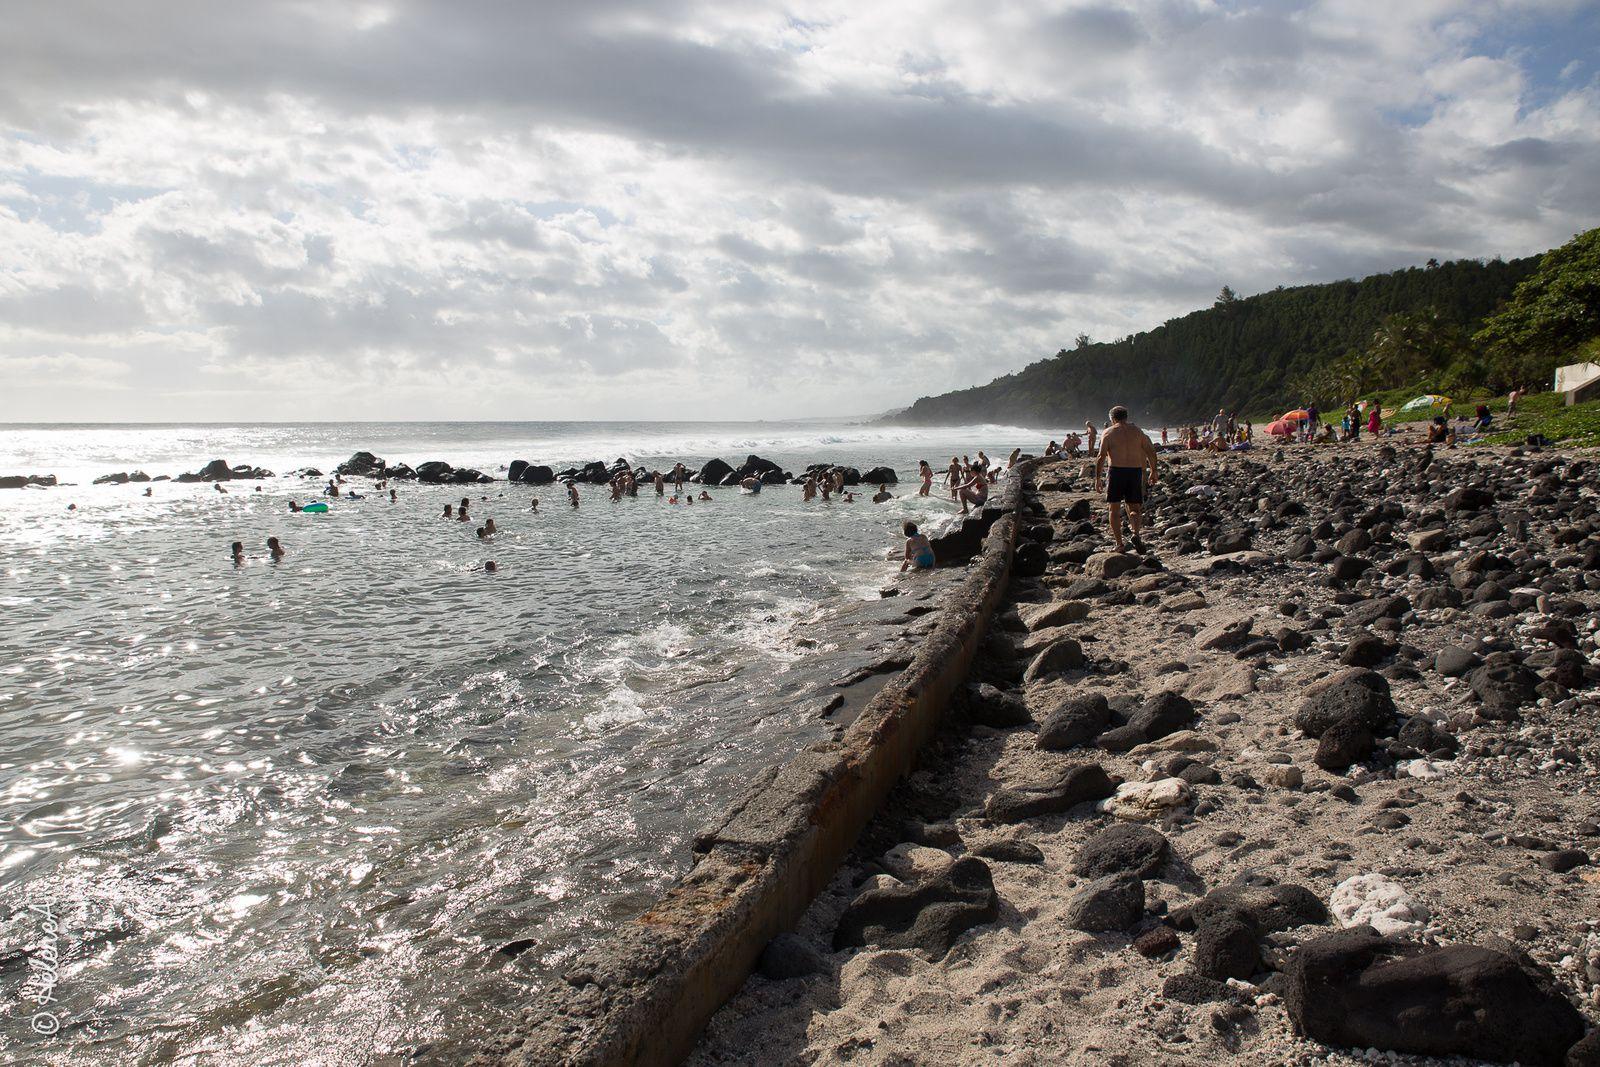 La mer dans tous ses états - La Réunion